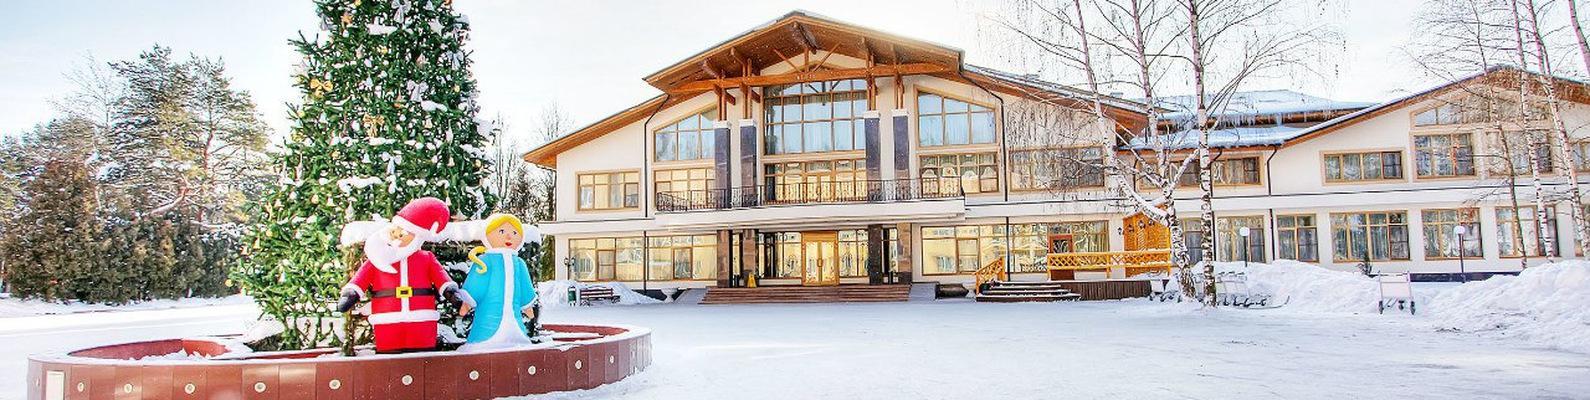 Яхонты ногинск парк отель фото зимой